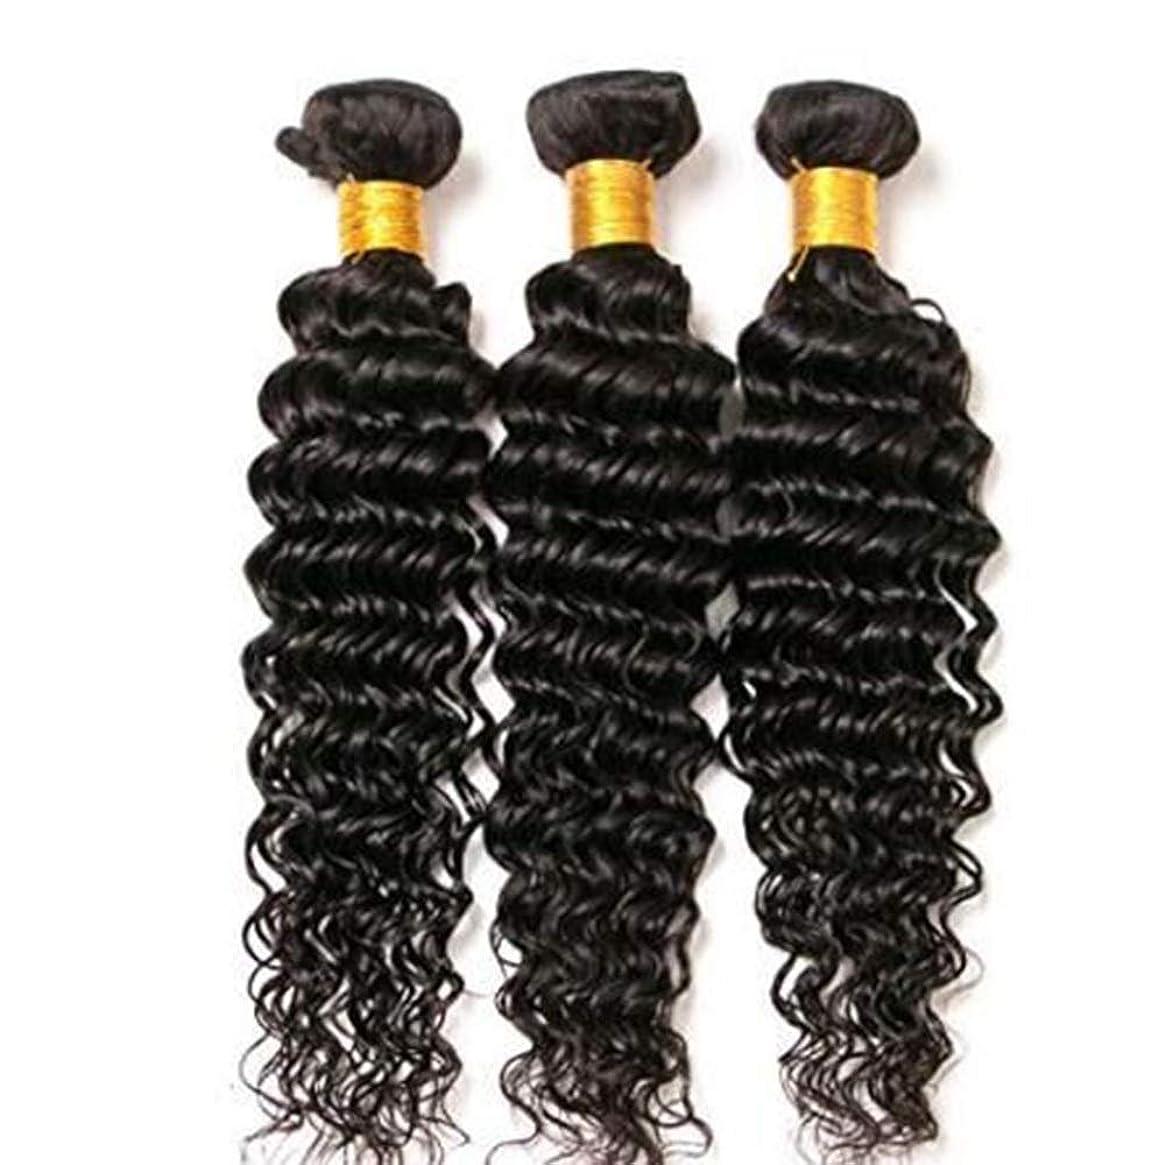 証明する彫刻家葡萄BOBIDYEE 女性のためのブラジルのディープウェーブヘアバンドル100%未処理の人間の毛髪延長ナチュラルルッキング(8